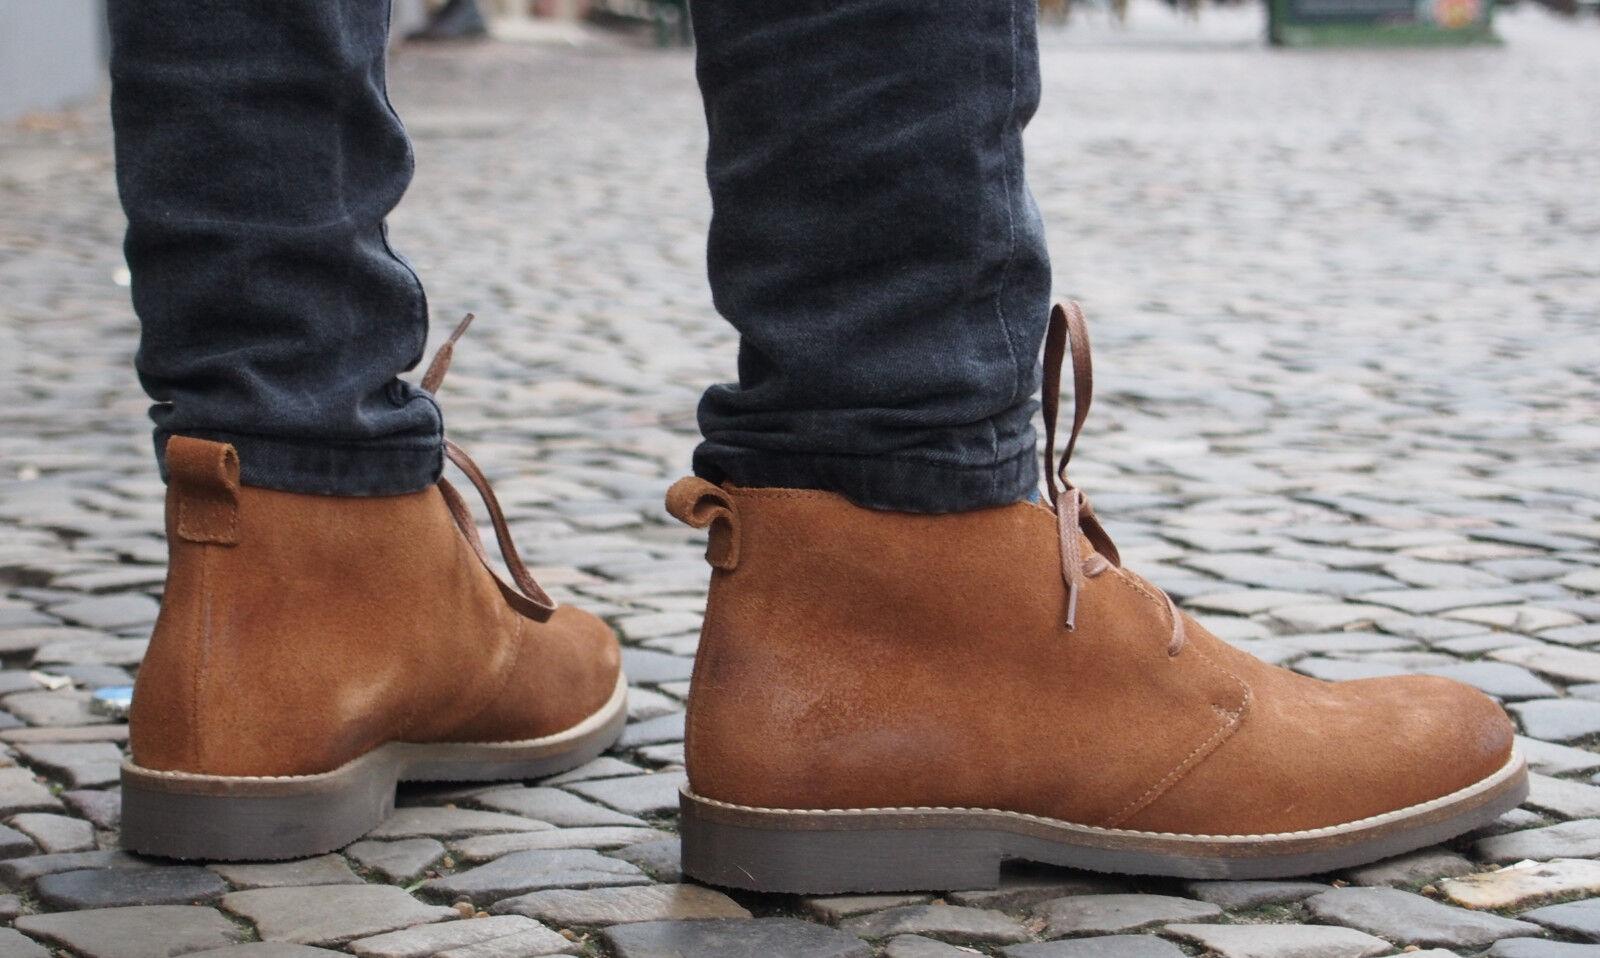 Shoot Schuhe SH216809C cognac braun Herrenschuhe Echtleder Schnürschuhe NEU SALE